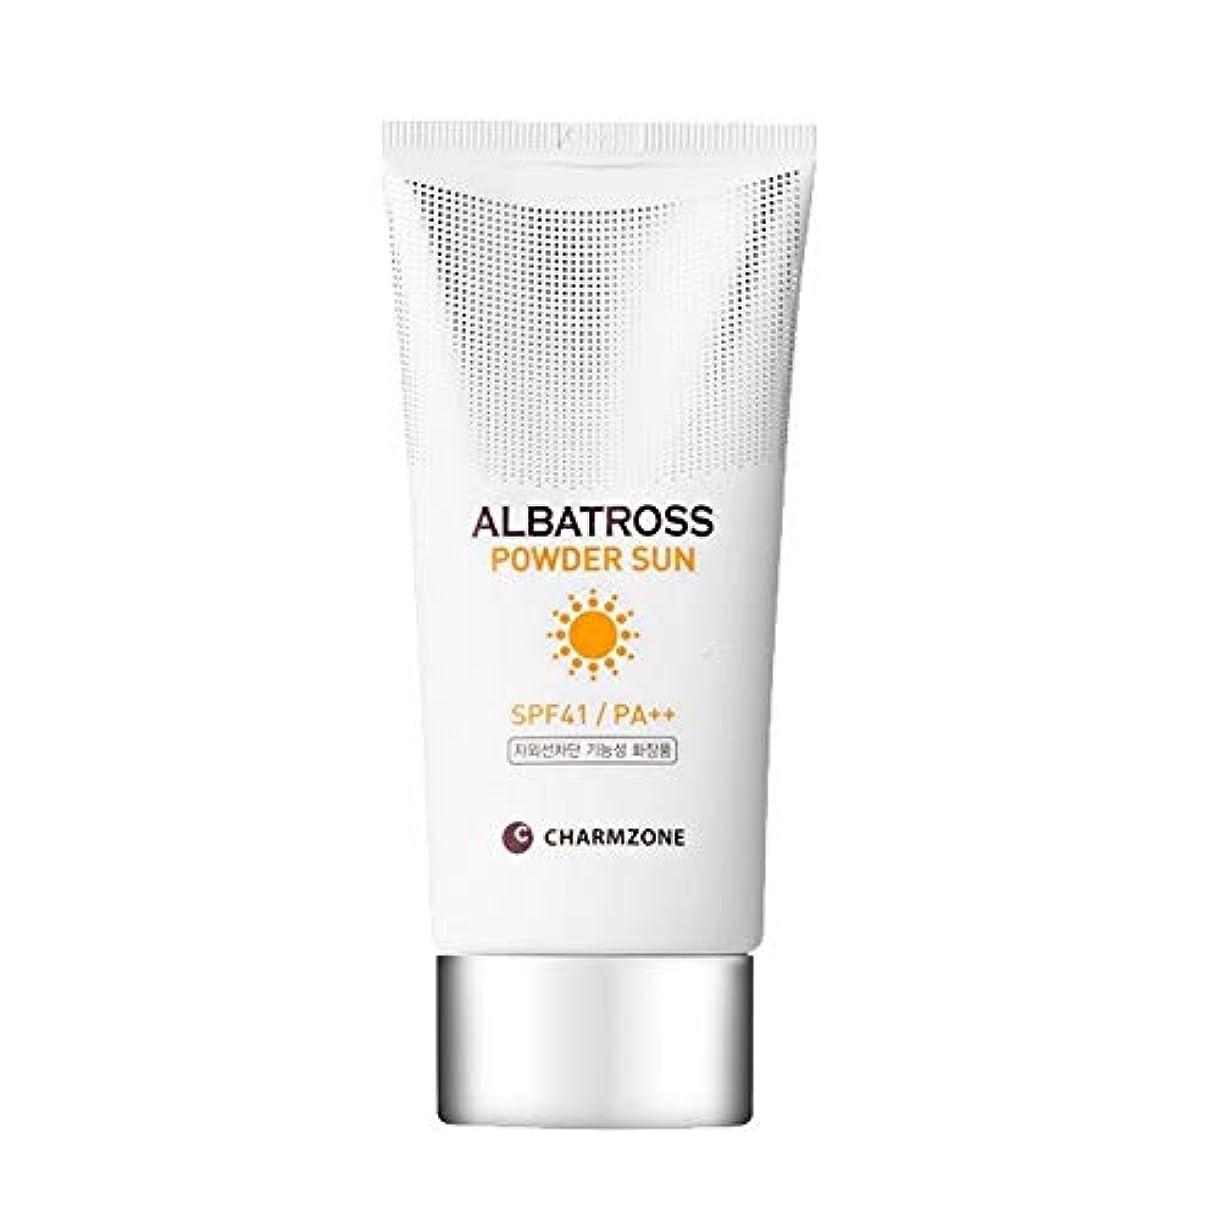 弁護失態ハブブチャムジョンアルバトロスパウダーサン・クリーム SPF41 PA++ 70ml、Charmzone Albatross Powder Sun Cream SPF41 PA++ 70ml [並行輸入品]